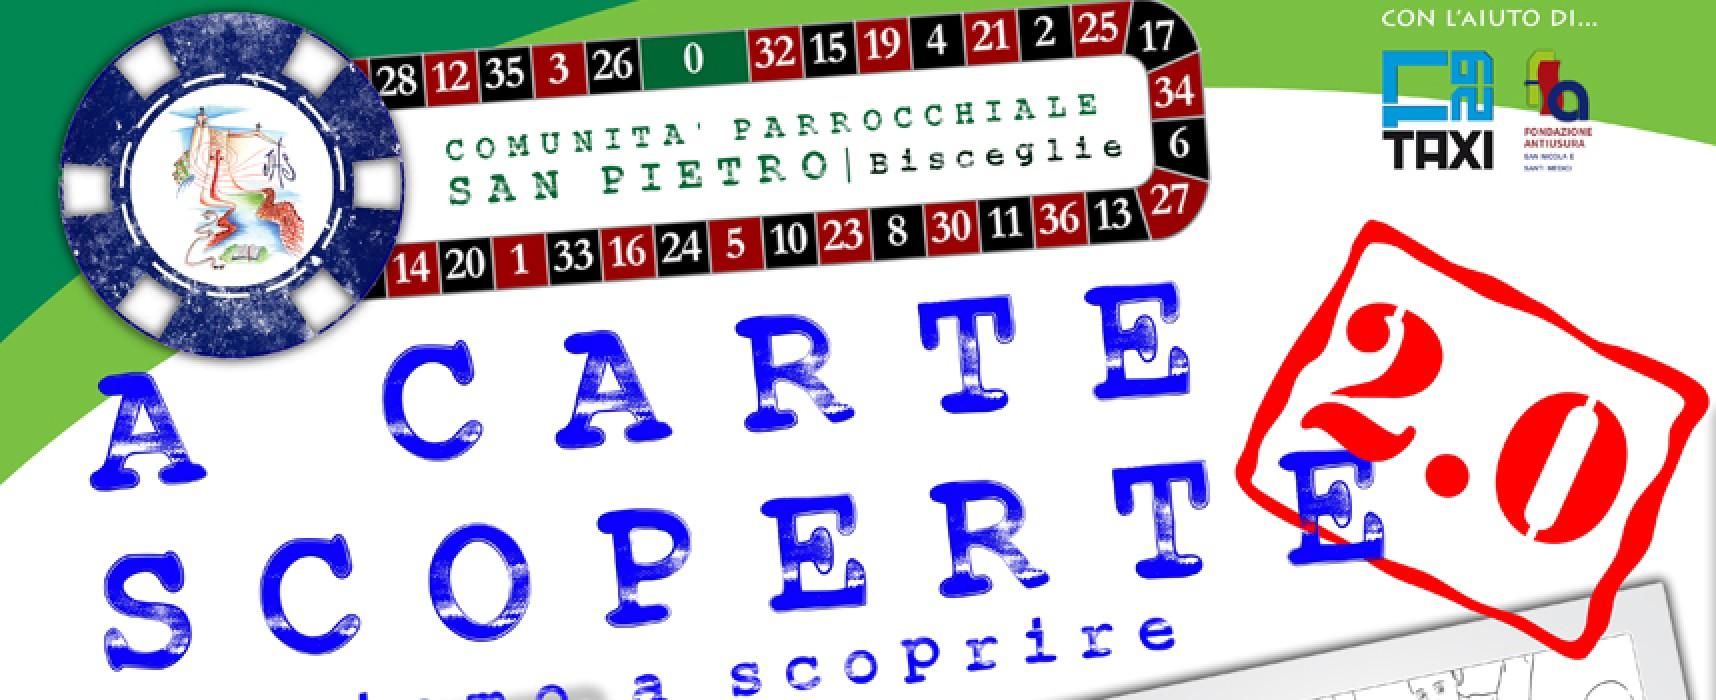 """""""A carte scoperte 2.0"""", una mostra sul gioco d'azzardo a San Pietro: inaugurazione il 23 giugno"""